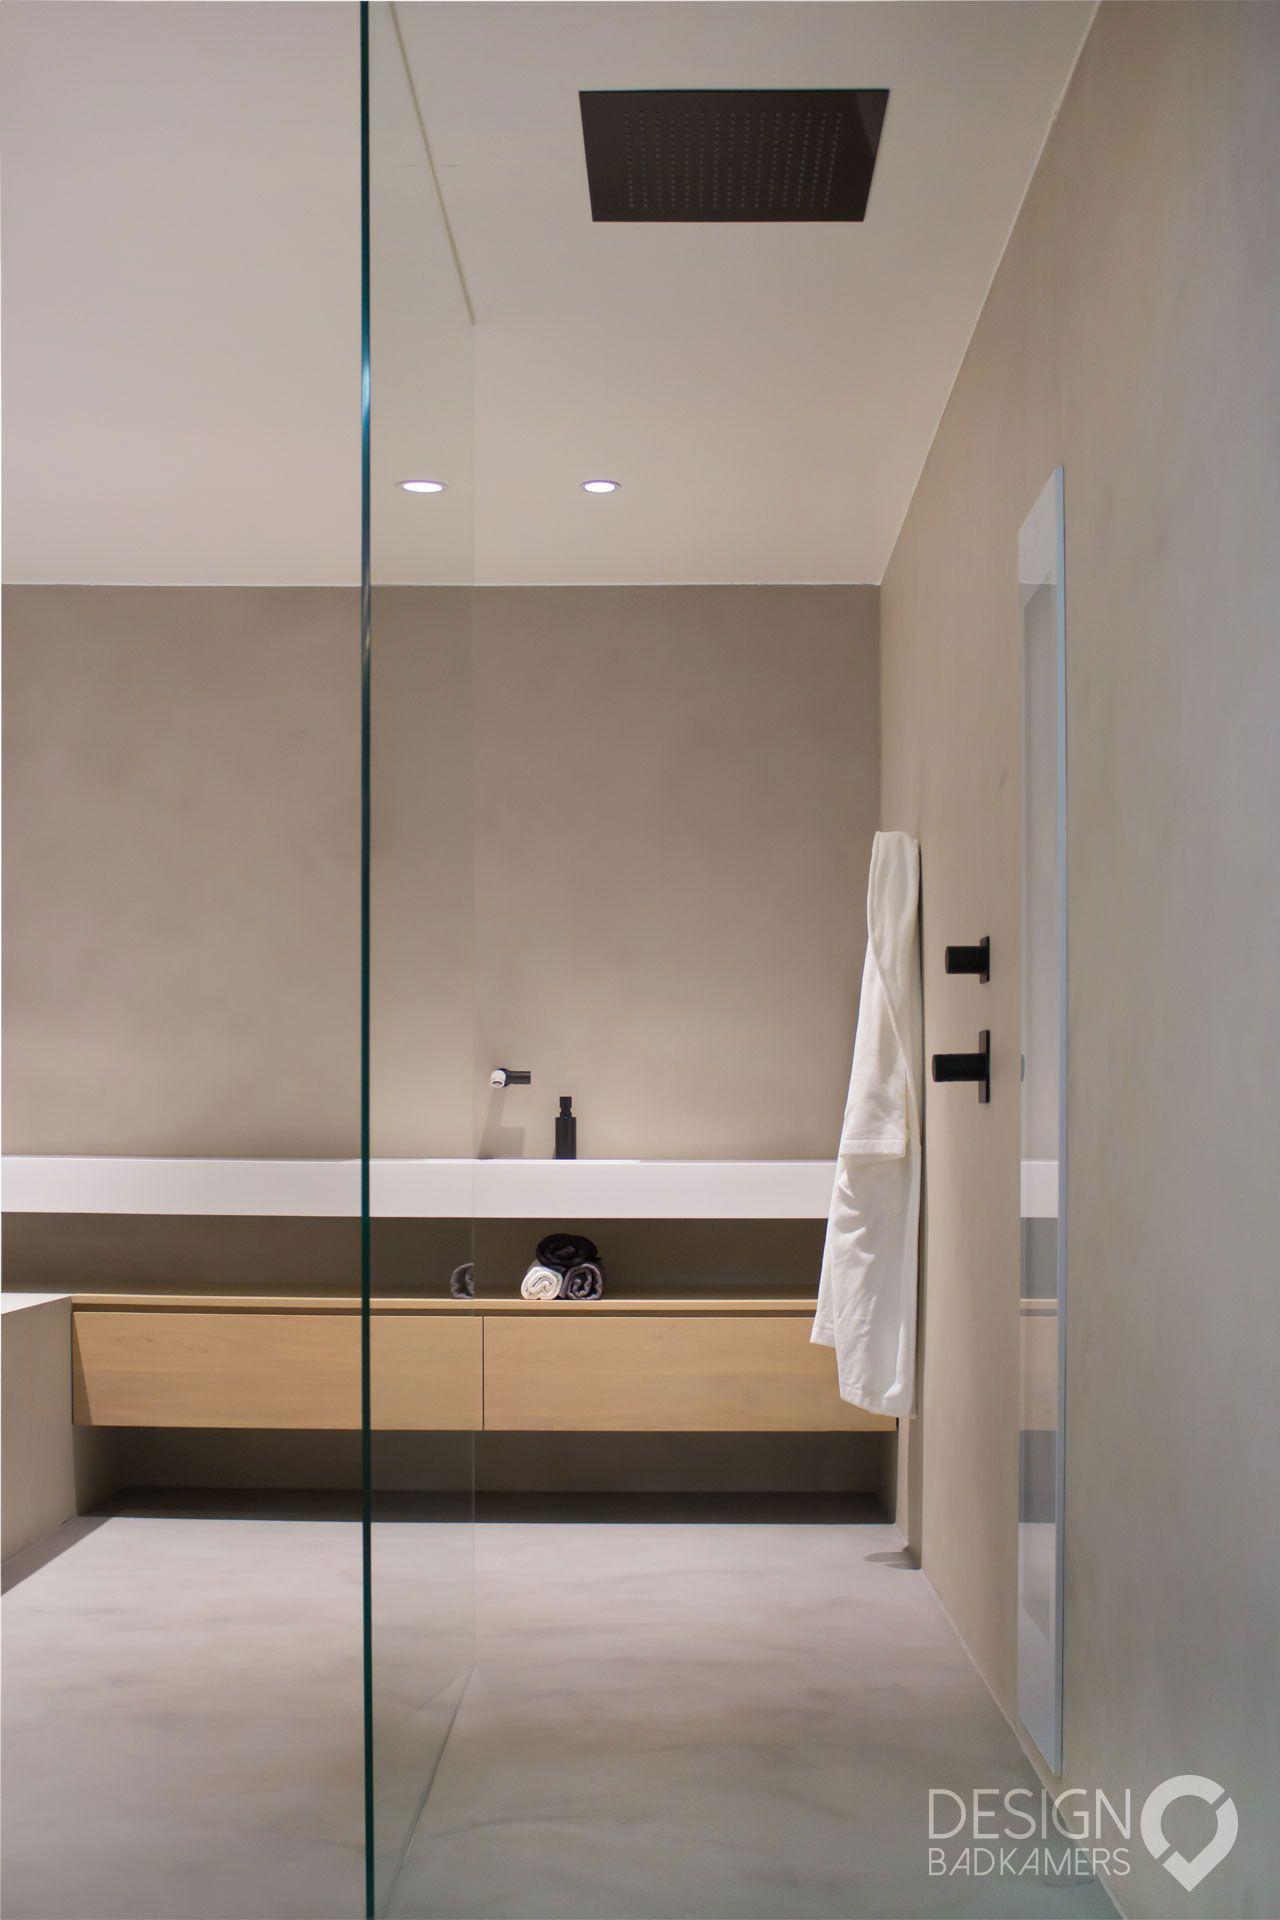 maatwerk badkamer met gebruik van micro beton betoncir op de vloer muren en zijkant van het. Black Bedroom Furniture Sets. Home Design Ideas